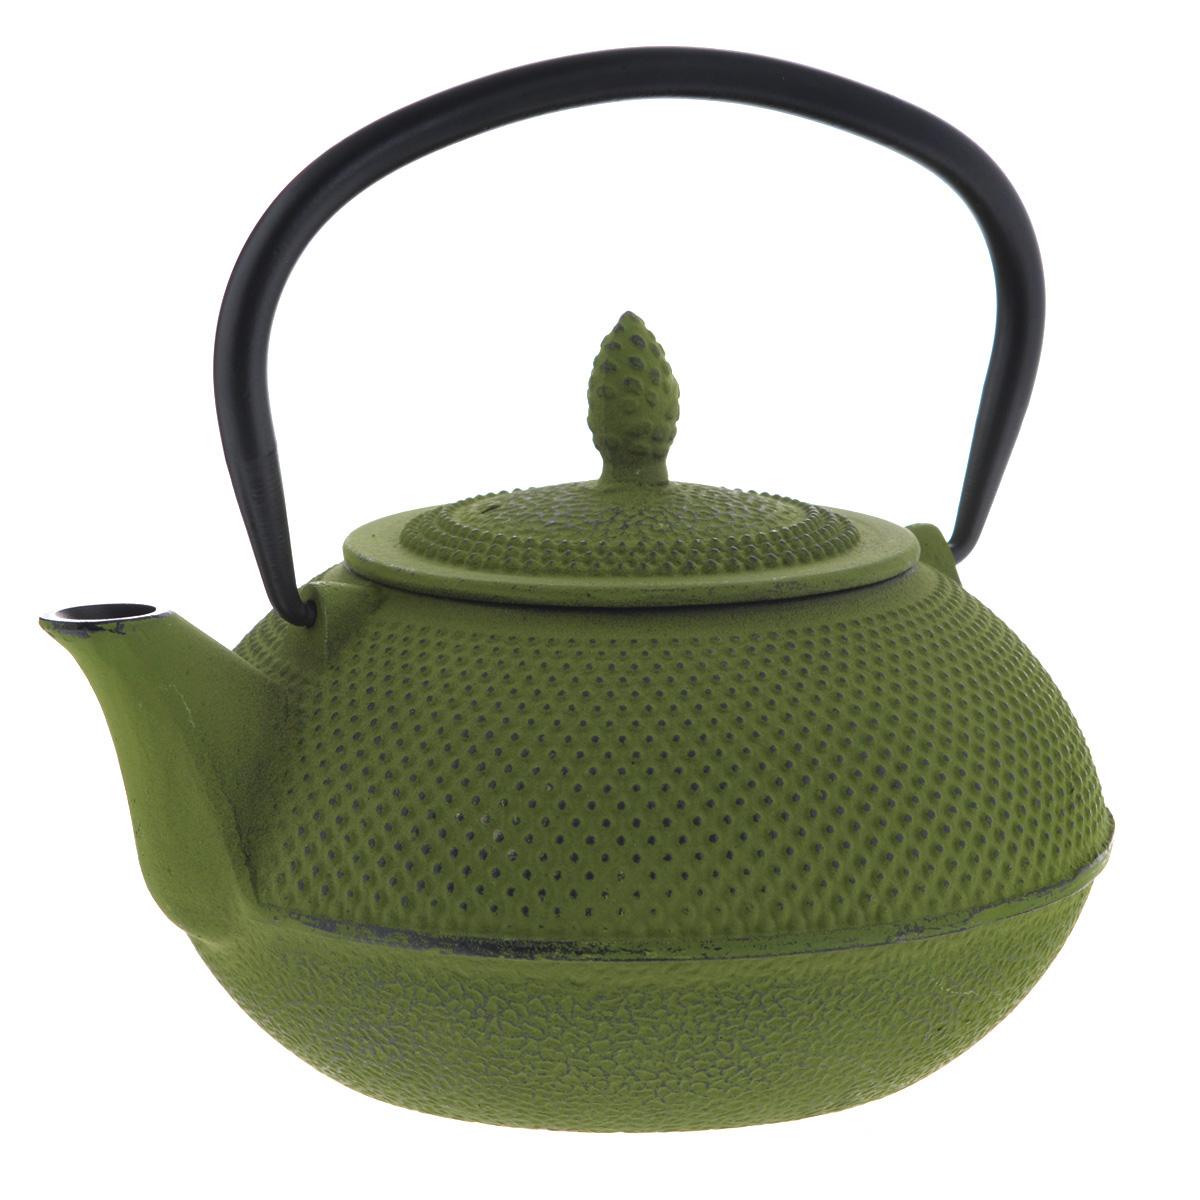 Чайник заварочный Mayer & Boch с ситечком, цвет: зеленый, 1 л68/5/4Чайник заварочный Mayer & Boch изготовлен из чугуна - экологически чистого материала, который не тускнеет и не деформируется. Он долговечен и устойчив к воздействию высоких температур. Внешнее покрытие кремнийорганический термостойкий лак. Главное достоинство чугунного чайника - способность длительно сохранять тепло, чай в таком чайнике сохраняет свой вкус и свежий аромат долгое время. Чайник оснащен прочной металлической ручкой. В комплекте - ситечко из нержавеющей стали, которое задерживает чаинки и предотвращает их попадание в чашку. Восточный стиль, приятная цветовая гамма и оптимальный объем делают чайник Mayer & Boch удобным и оригинальным аксессуаром, который прекрасно подойдет как для ежедневного использования, так и для специальной чайной церемонии. Высота чайника (без учета крышки и ручки): 9 см.Диаметр чайника (по верхнему краю): 8 см.Диаметр основания чайника: 9,5 см.Размер ситечка: 8 см х 8 см х 6 см.